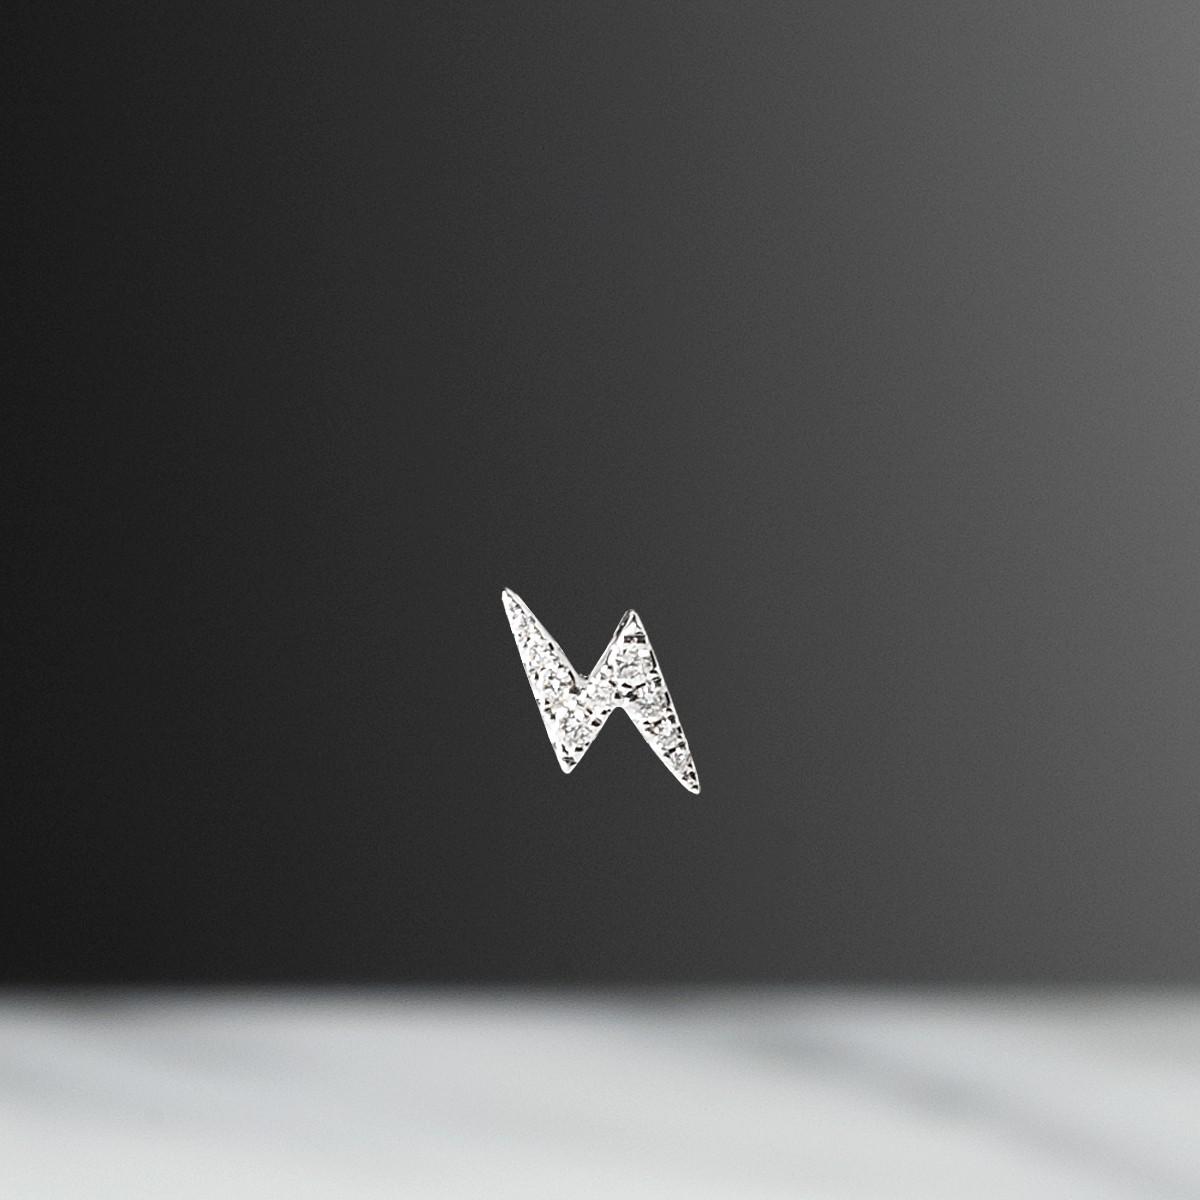 eclair-1960-white-gold-white-diamond